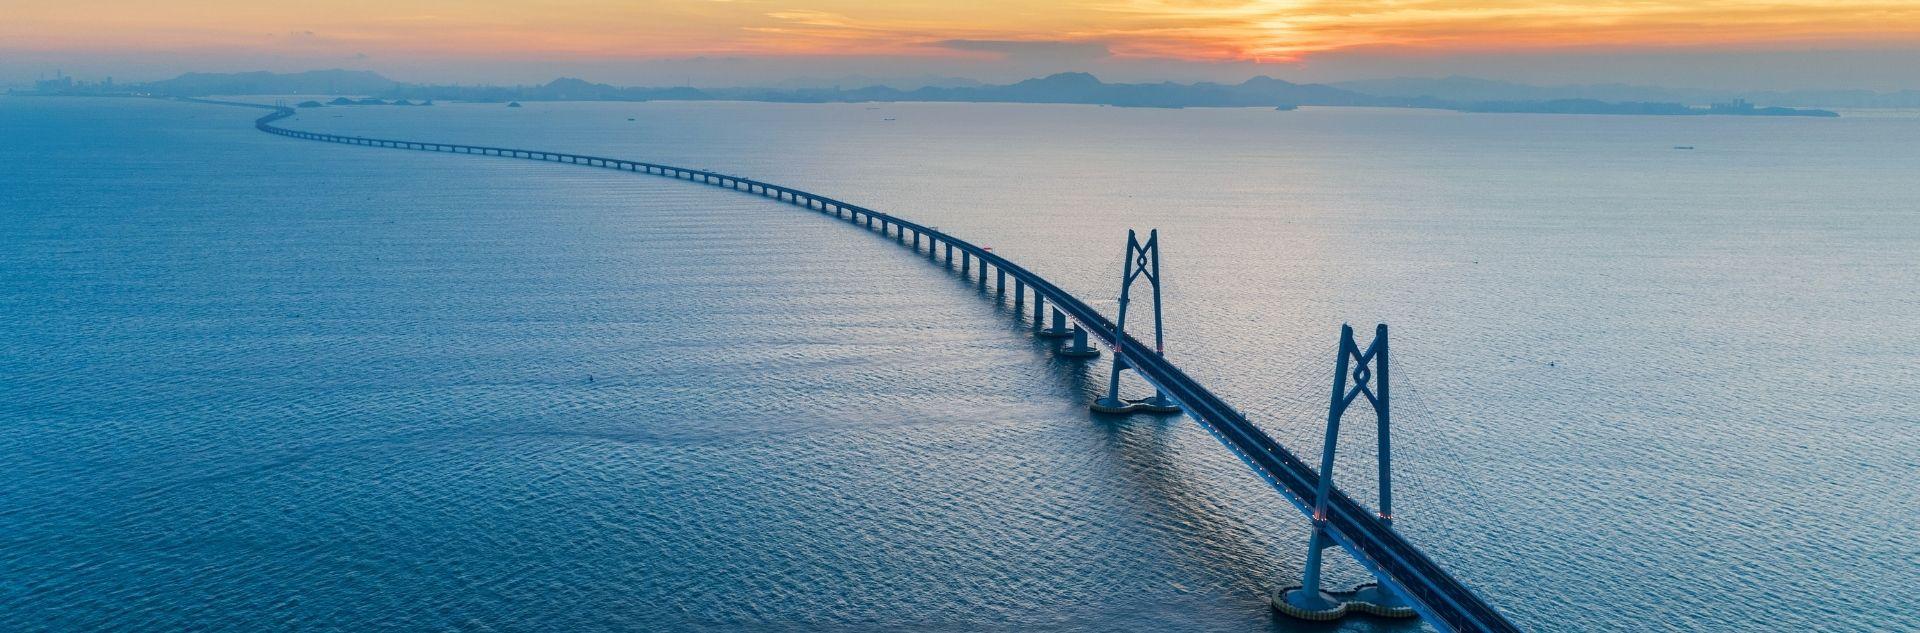 Mit Bridge-IT in die Zukunft - Brücke übers Meer